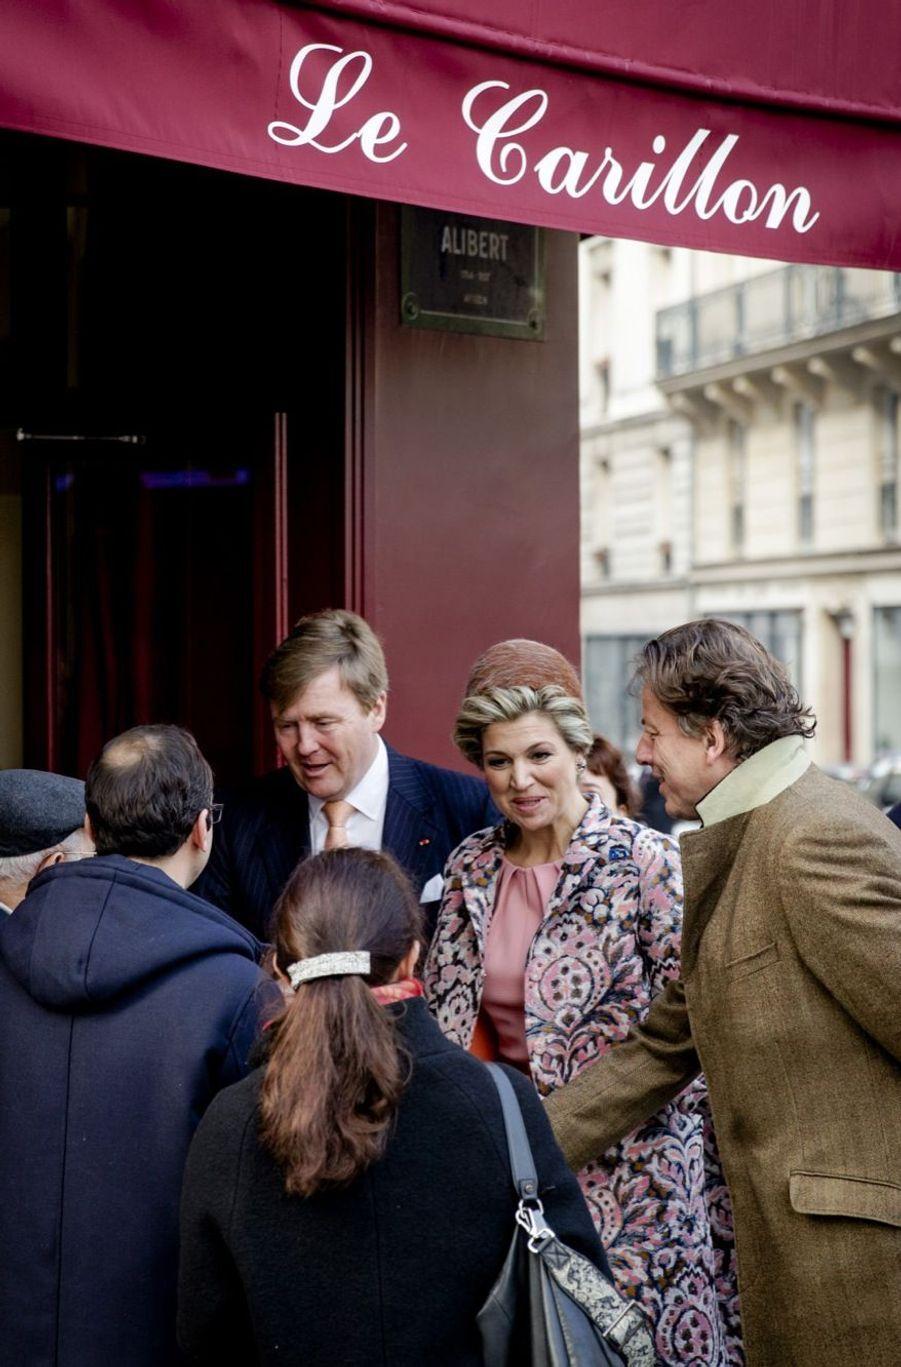 Visite surprise de Maxima et Willem-Alexander au Carillon